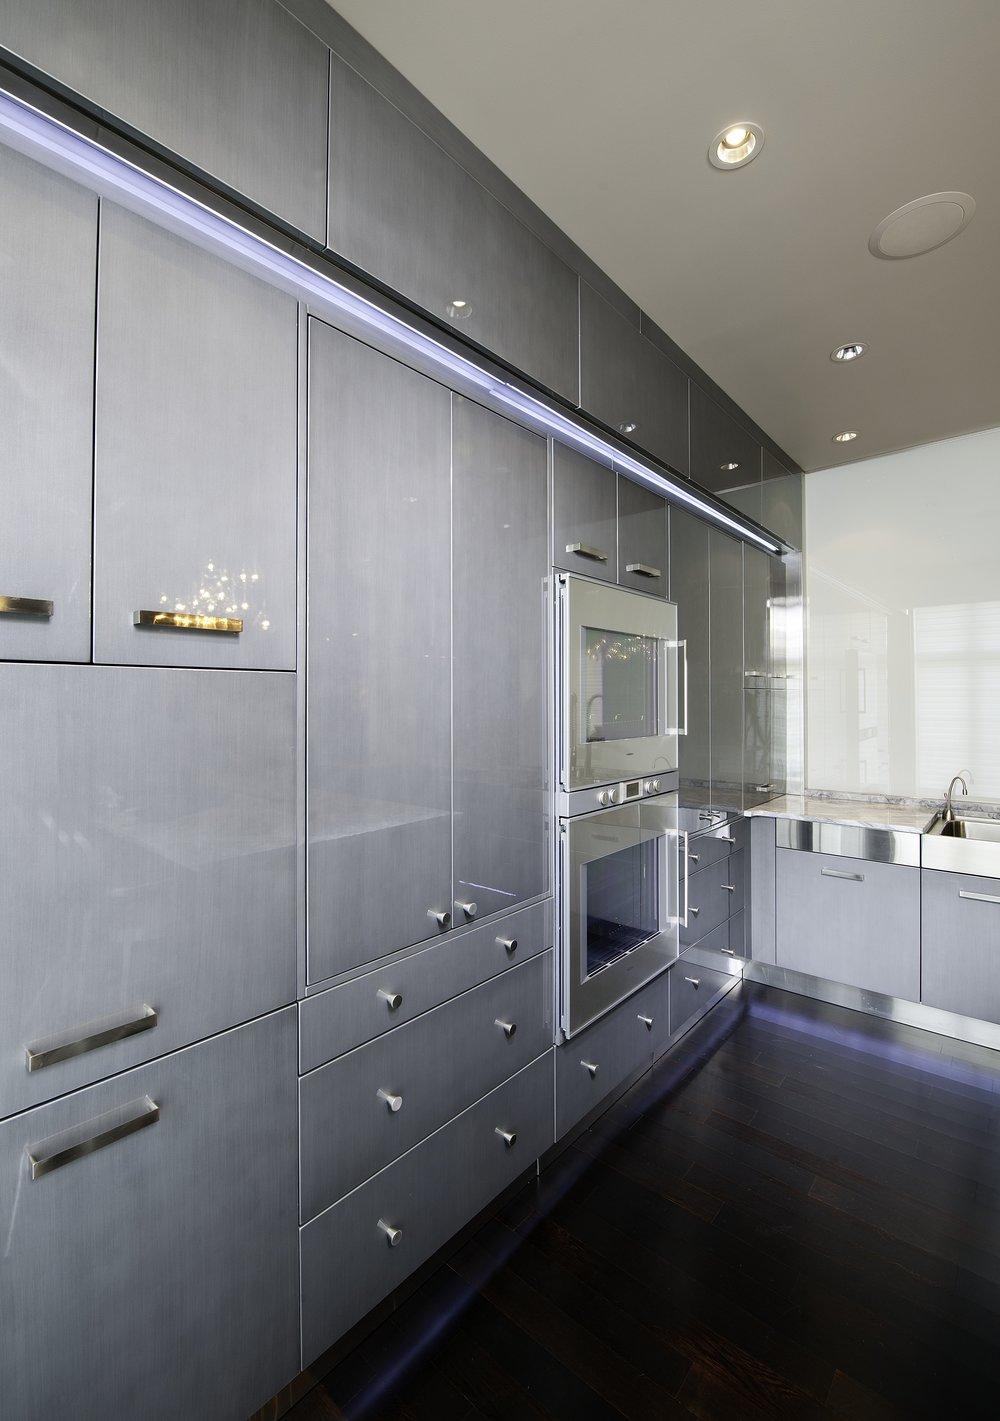 KBC_kitchen_bath_concepts_Kitchen_74.jpg